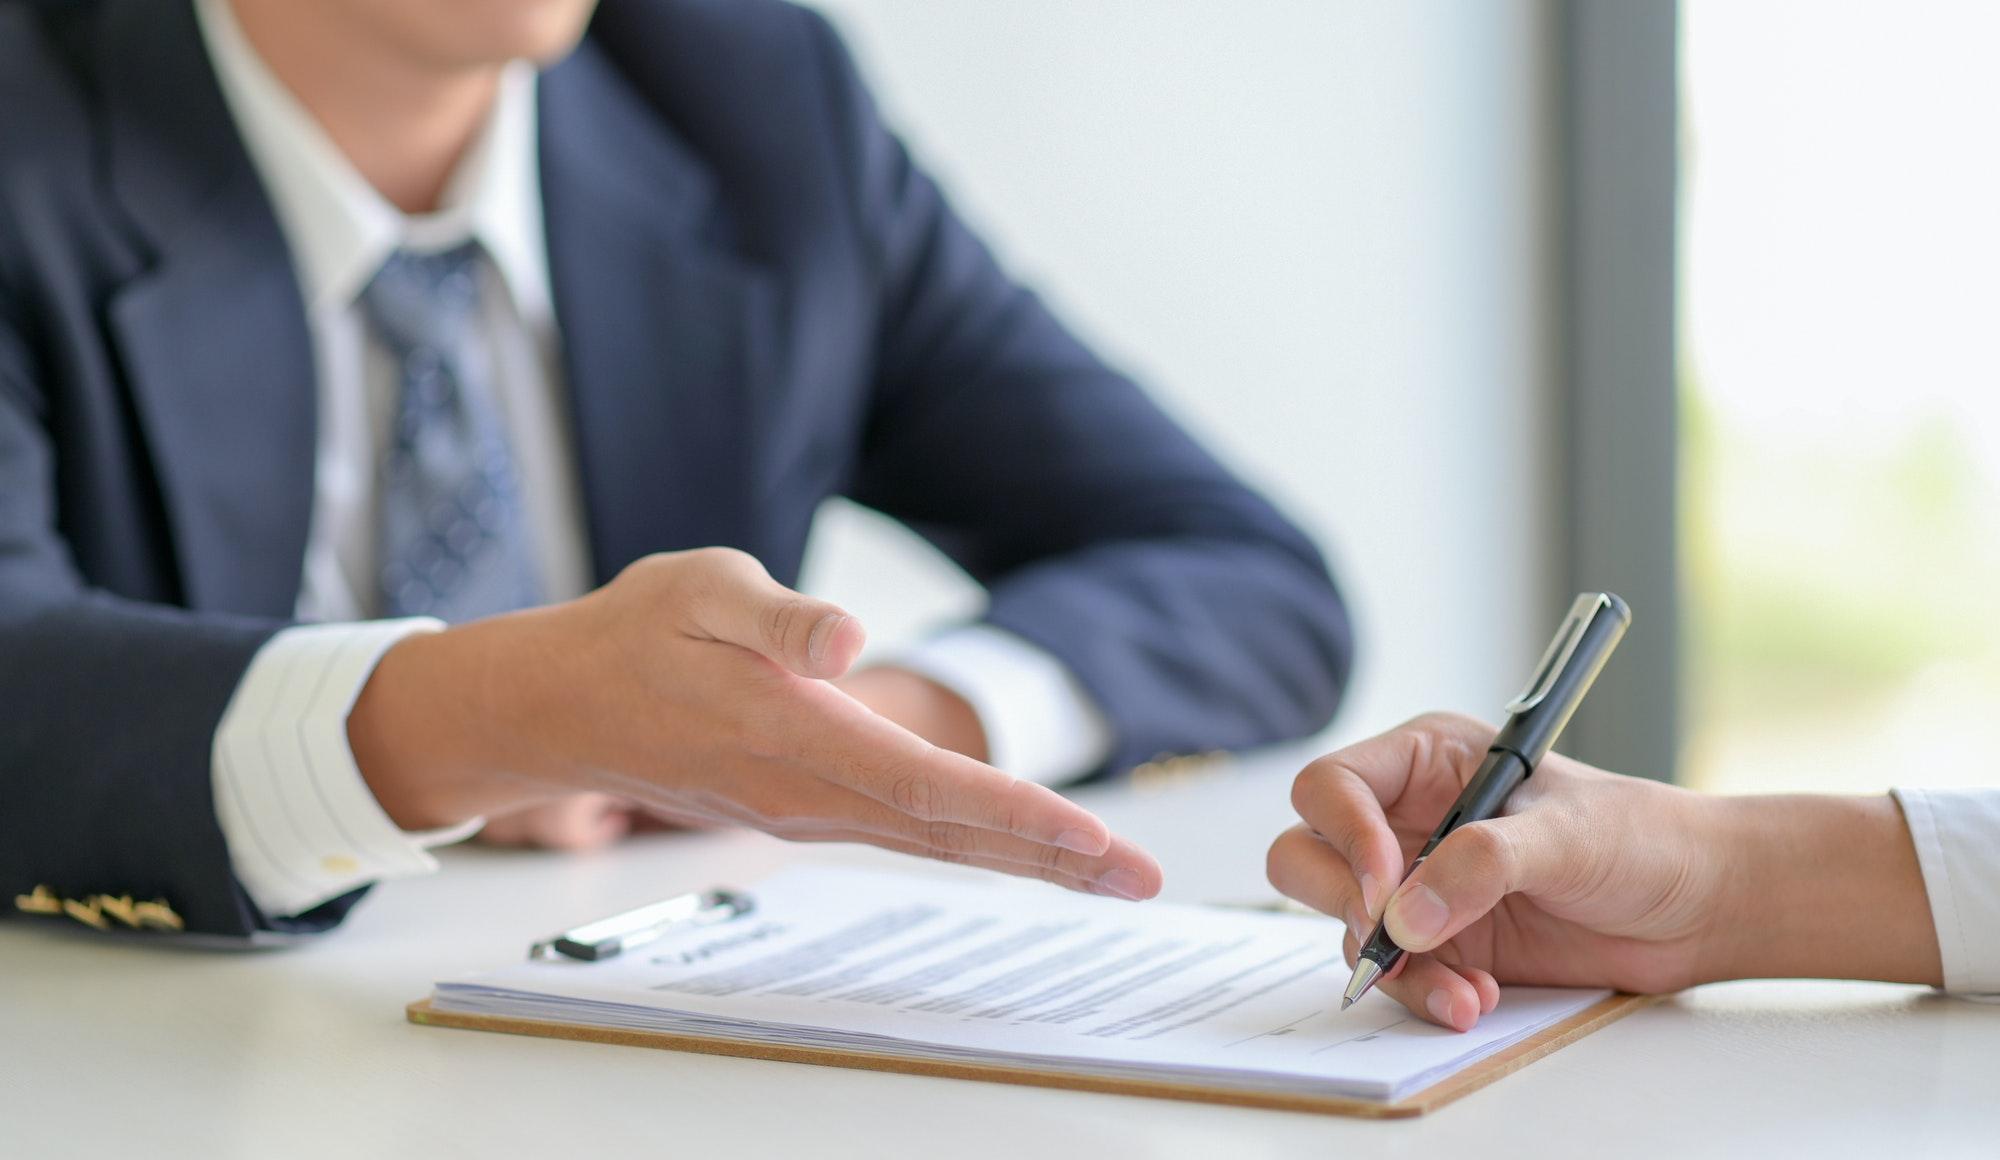 particuliers-avocat-contrats-consommation-après-contrat-agn-avocats.fr